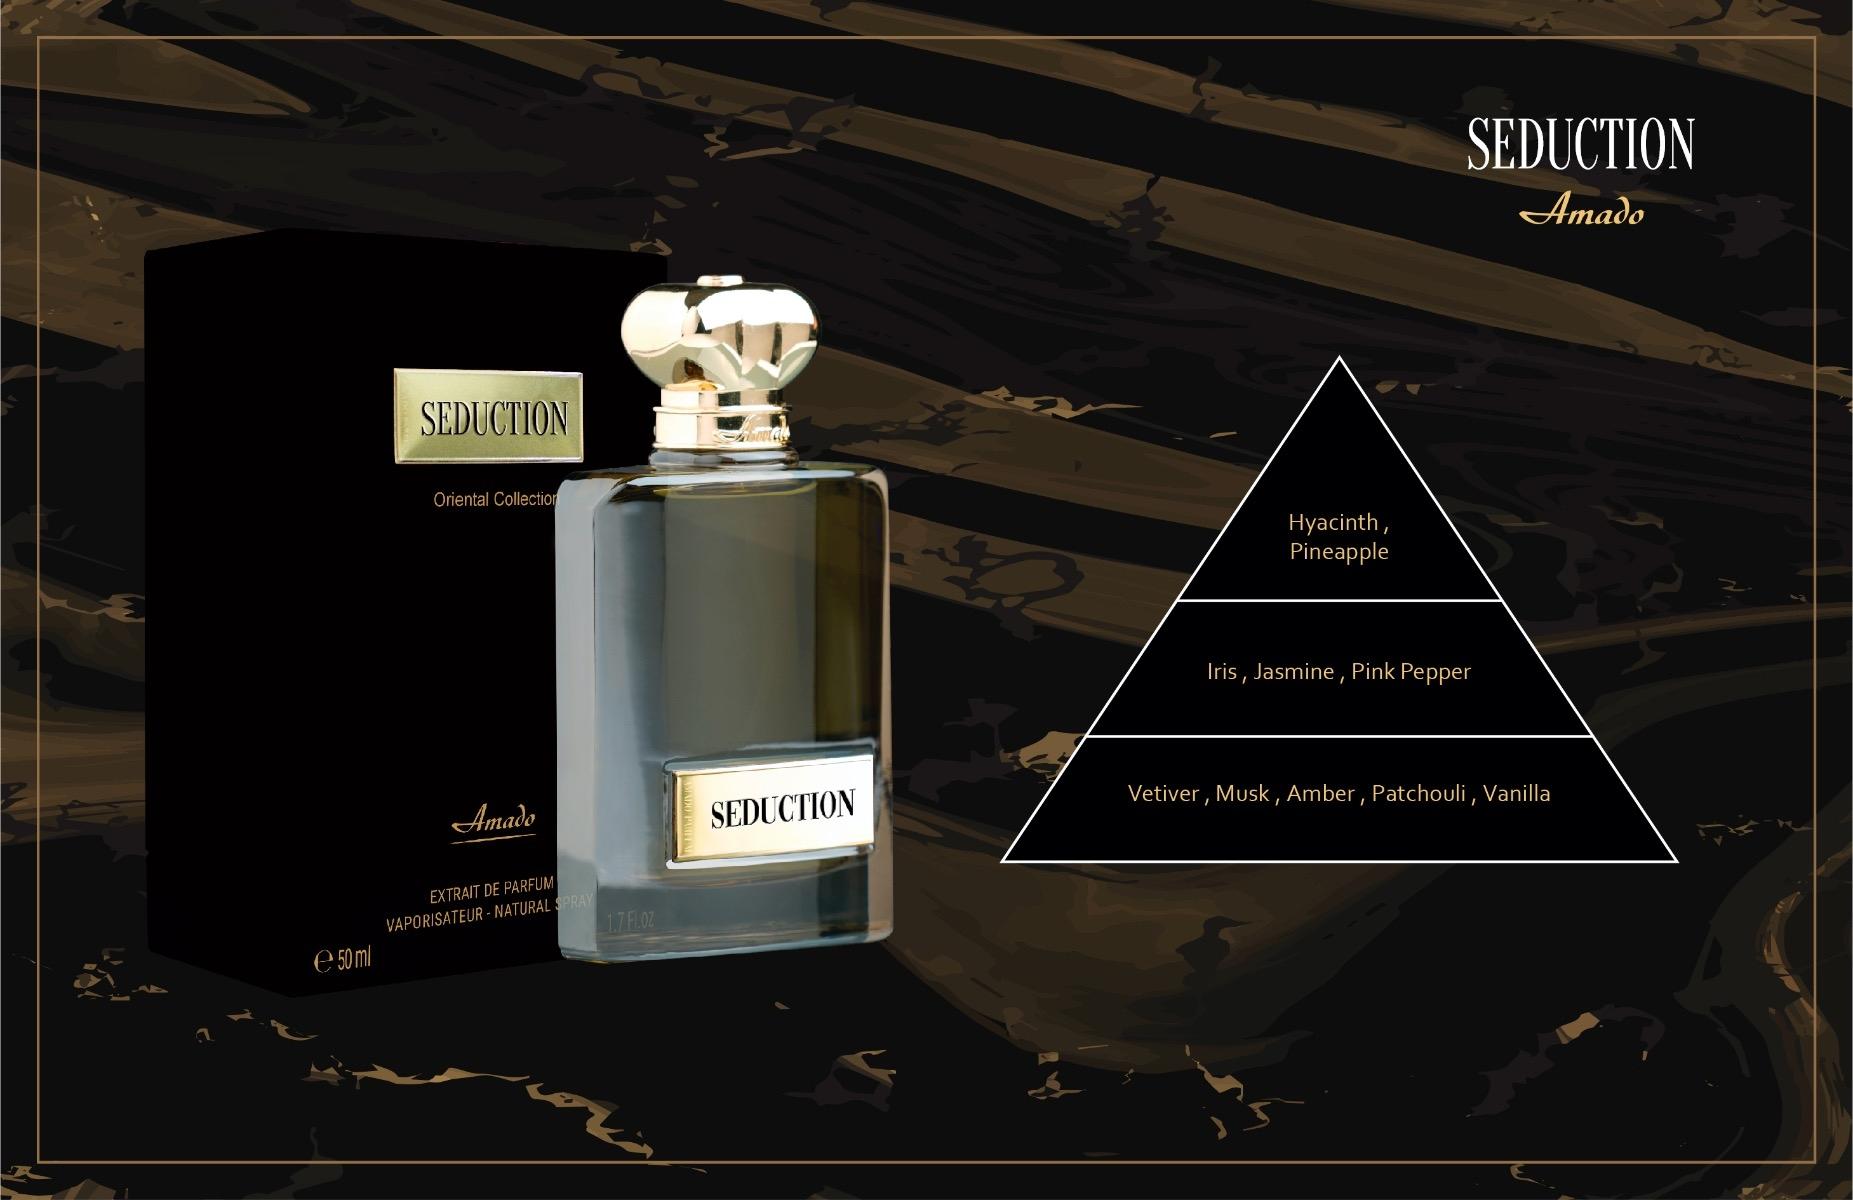 Seduction Extrait de Parfum